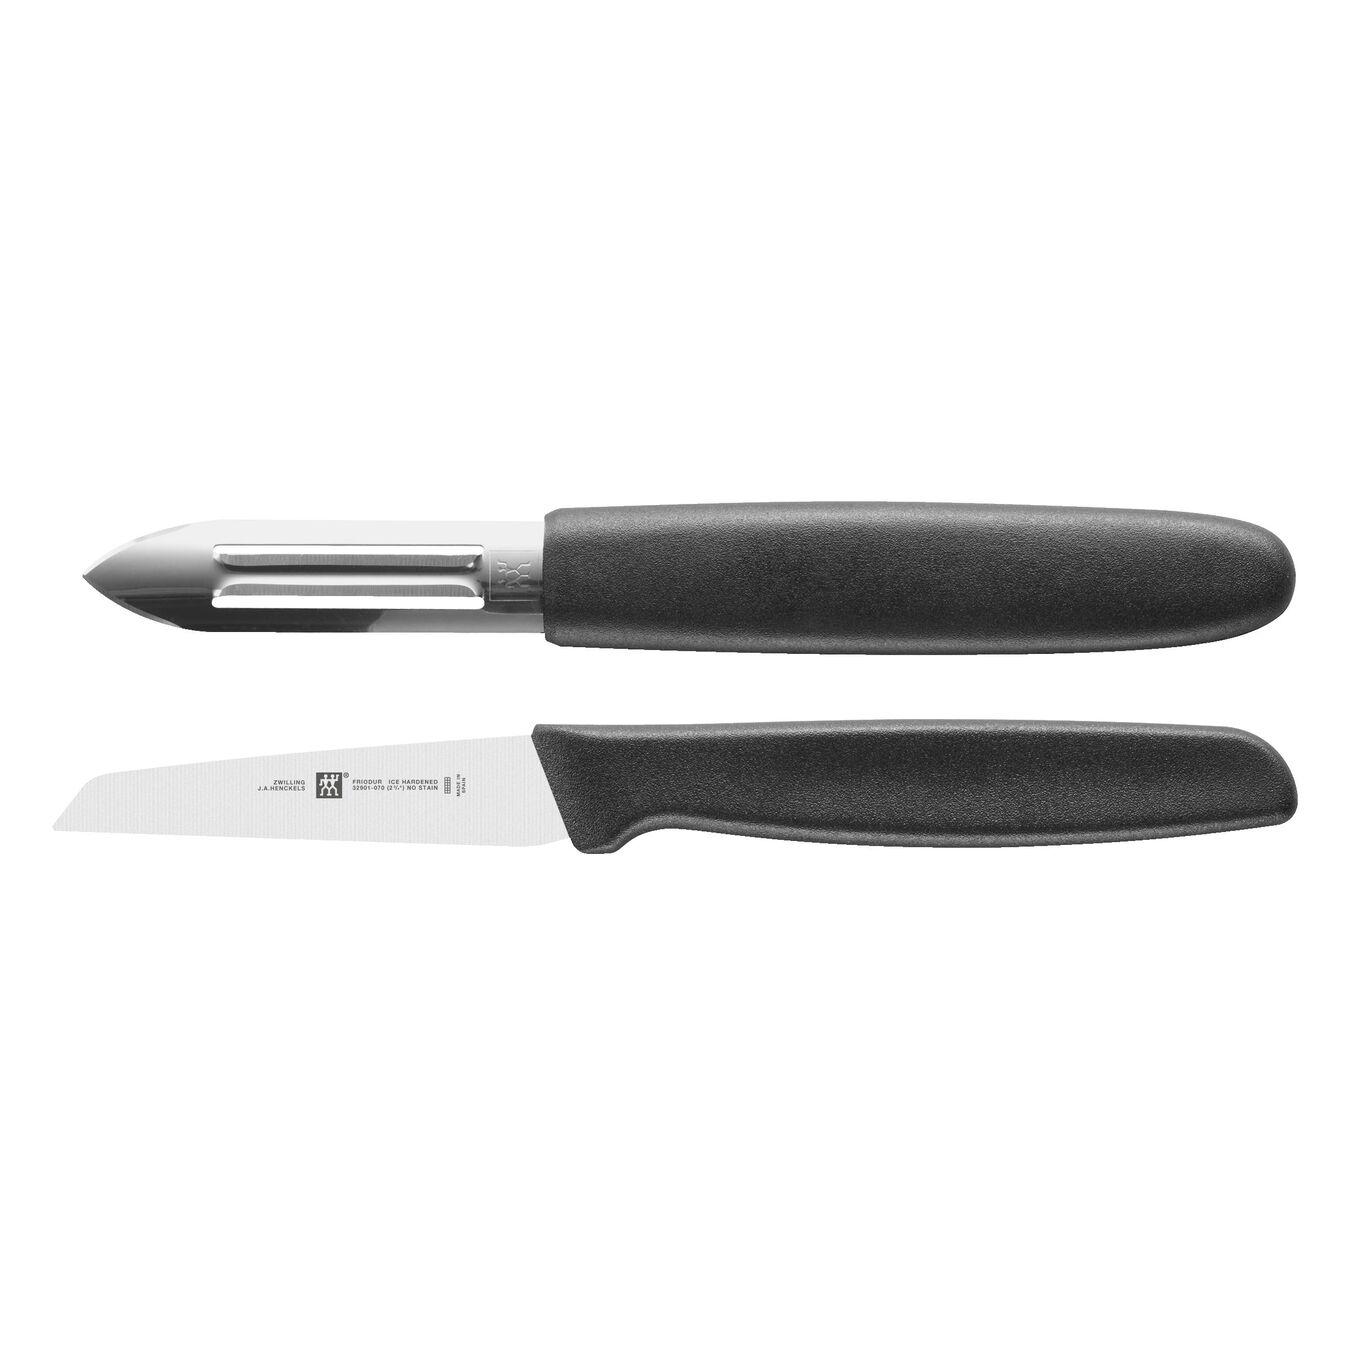 Messerset, 2-tlg. (Kunststoff, schwarz) 2-tlg,,large 1